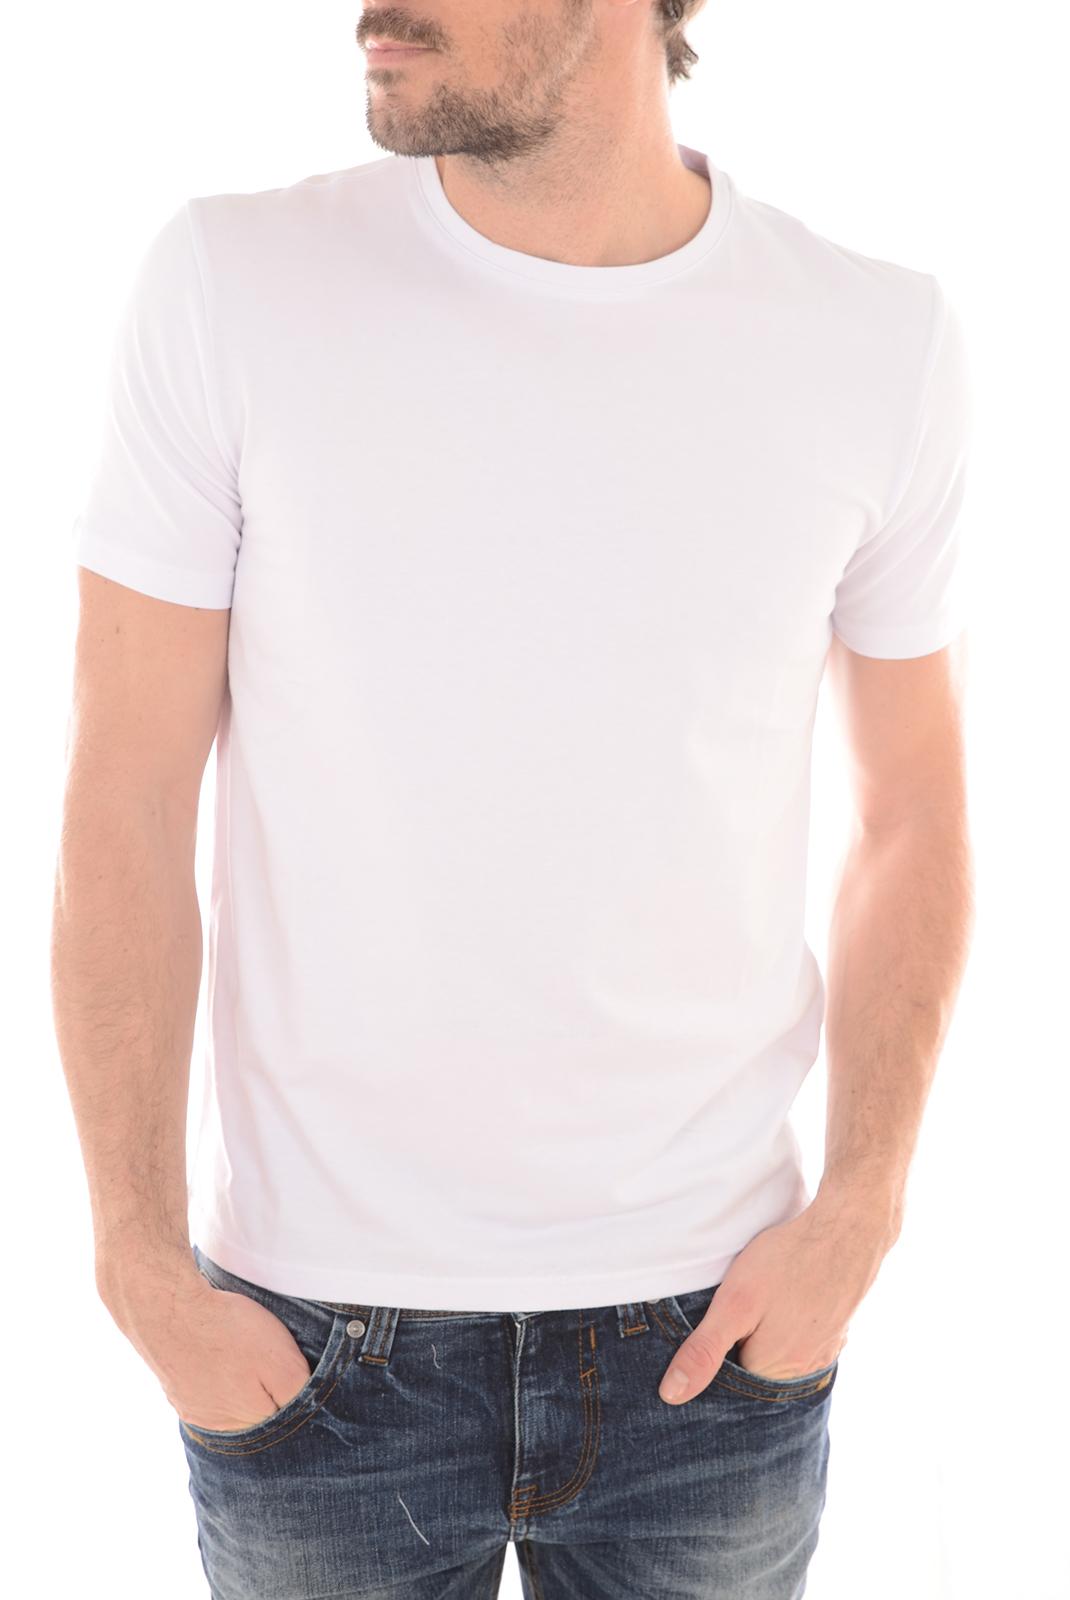 Tee-shirts  Redskins KIK WORNER WHITE